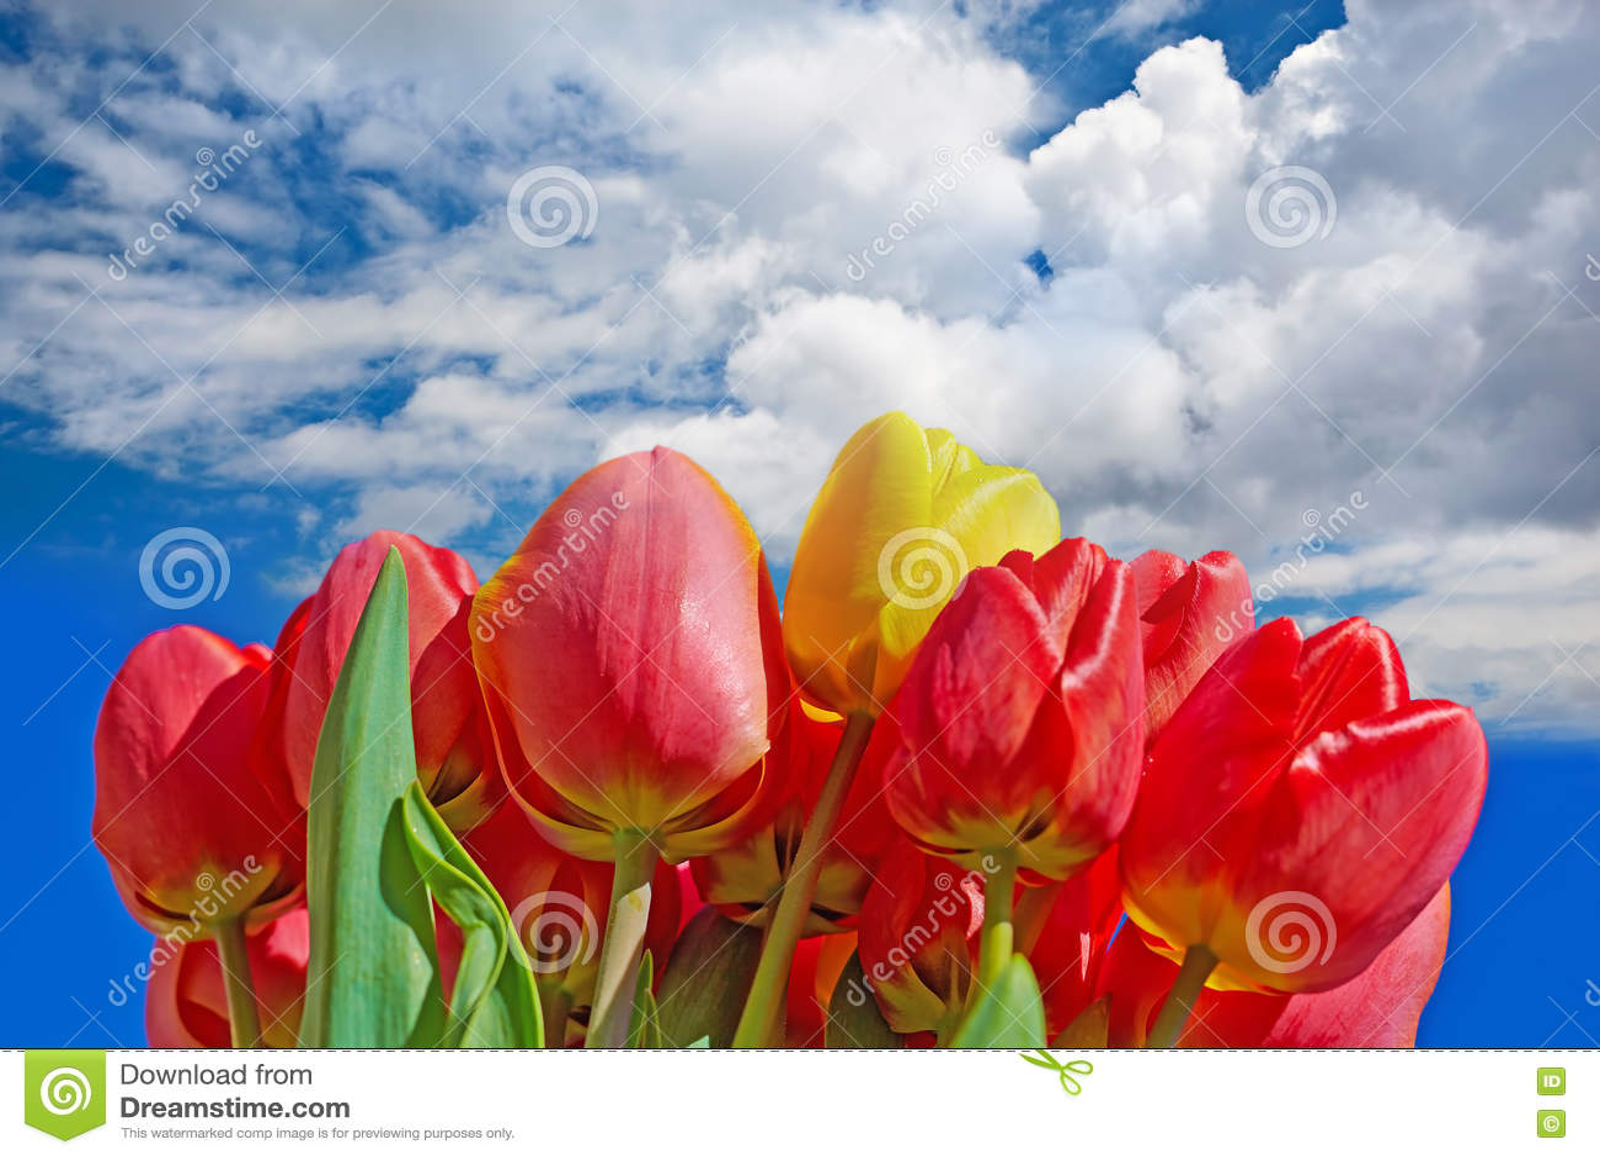 Download Красные тюльпаны стоковое изображение. изображение насчитывающей цветы - 72286005